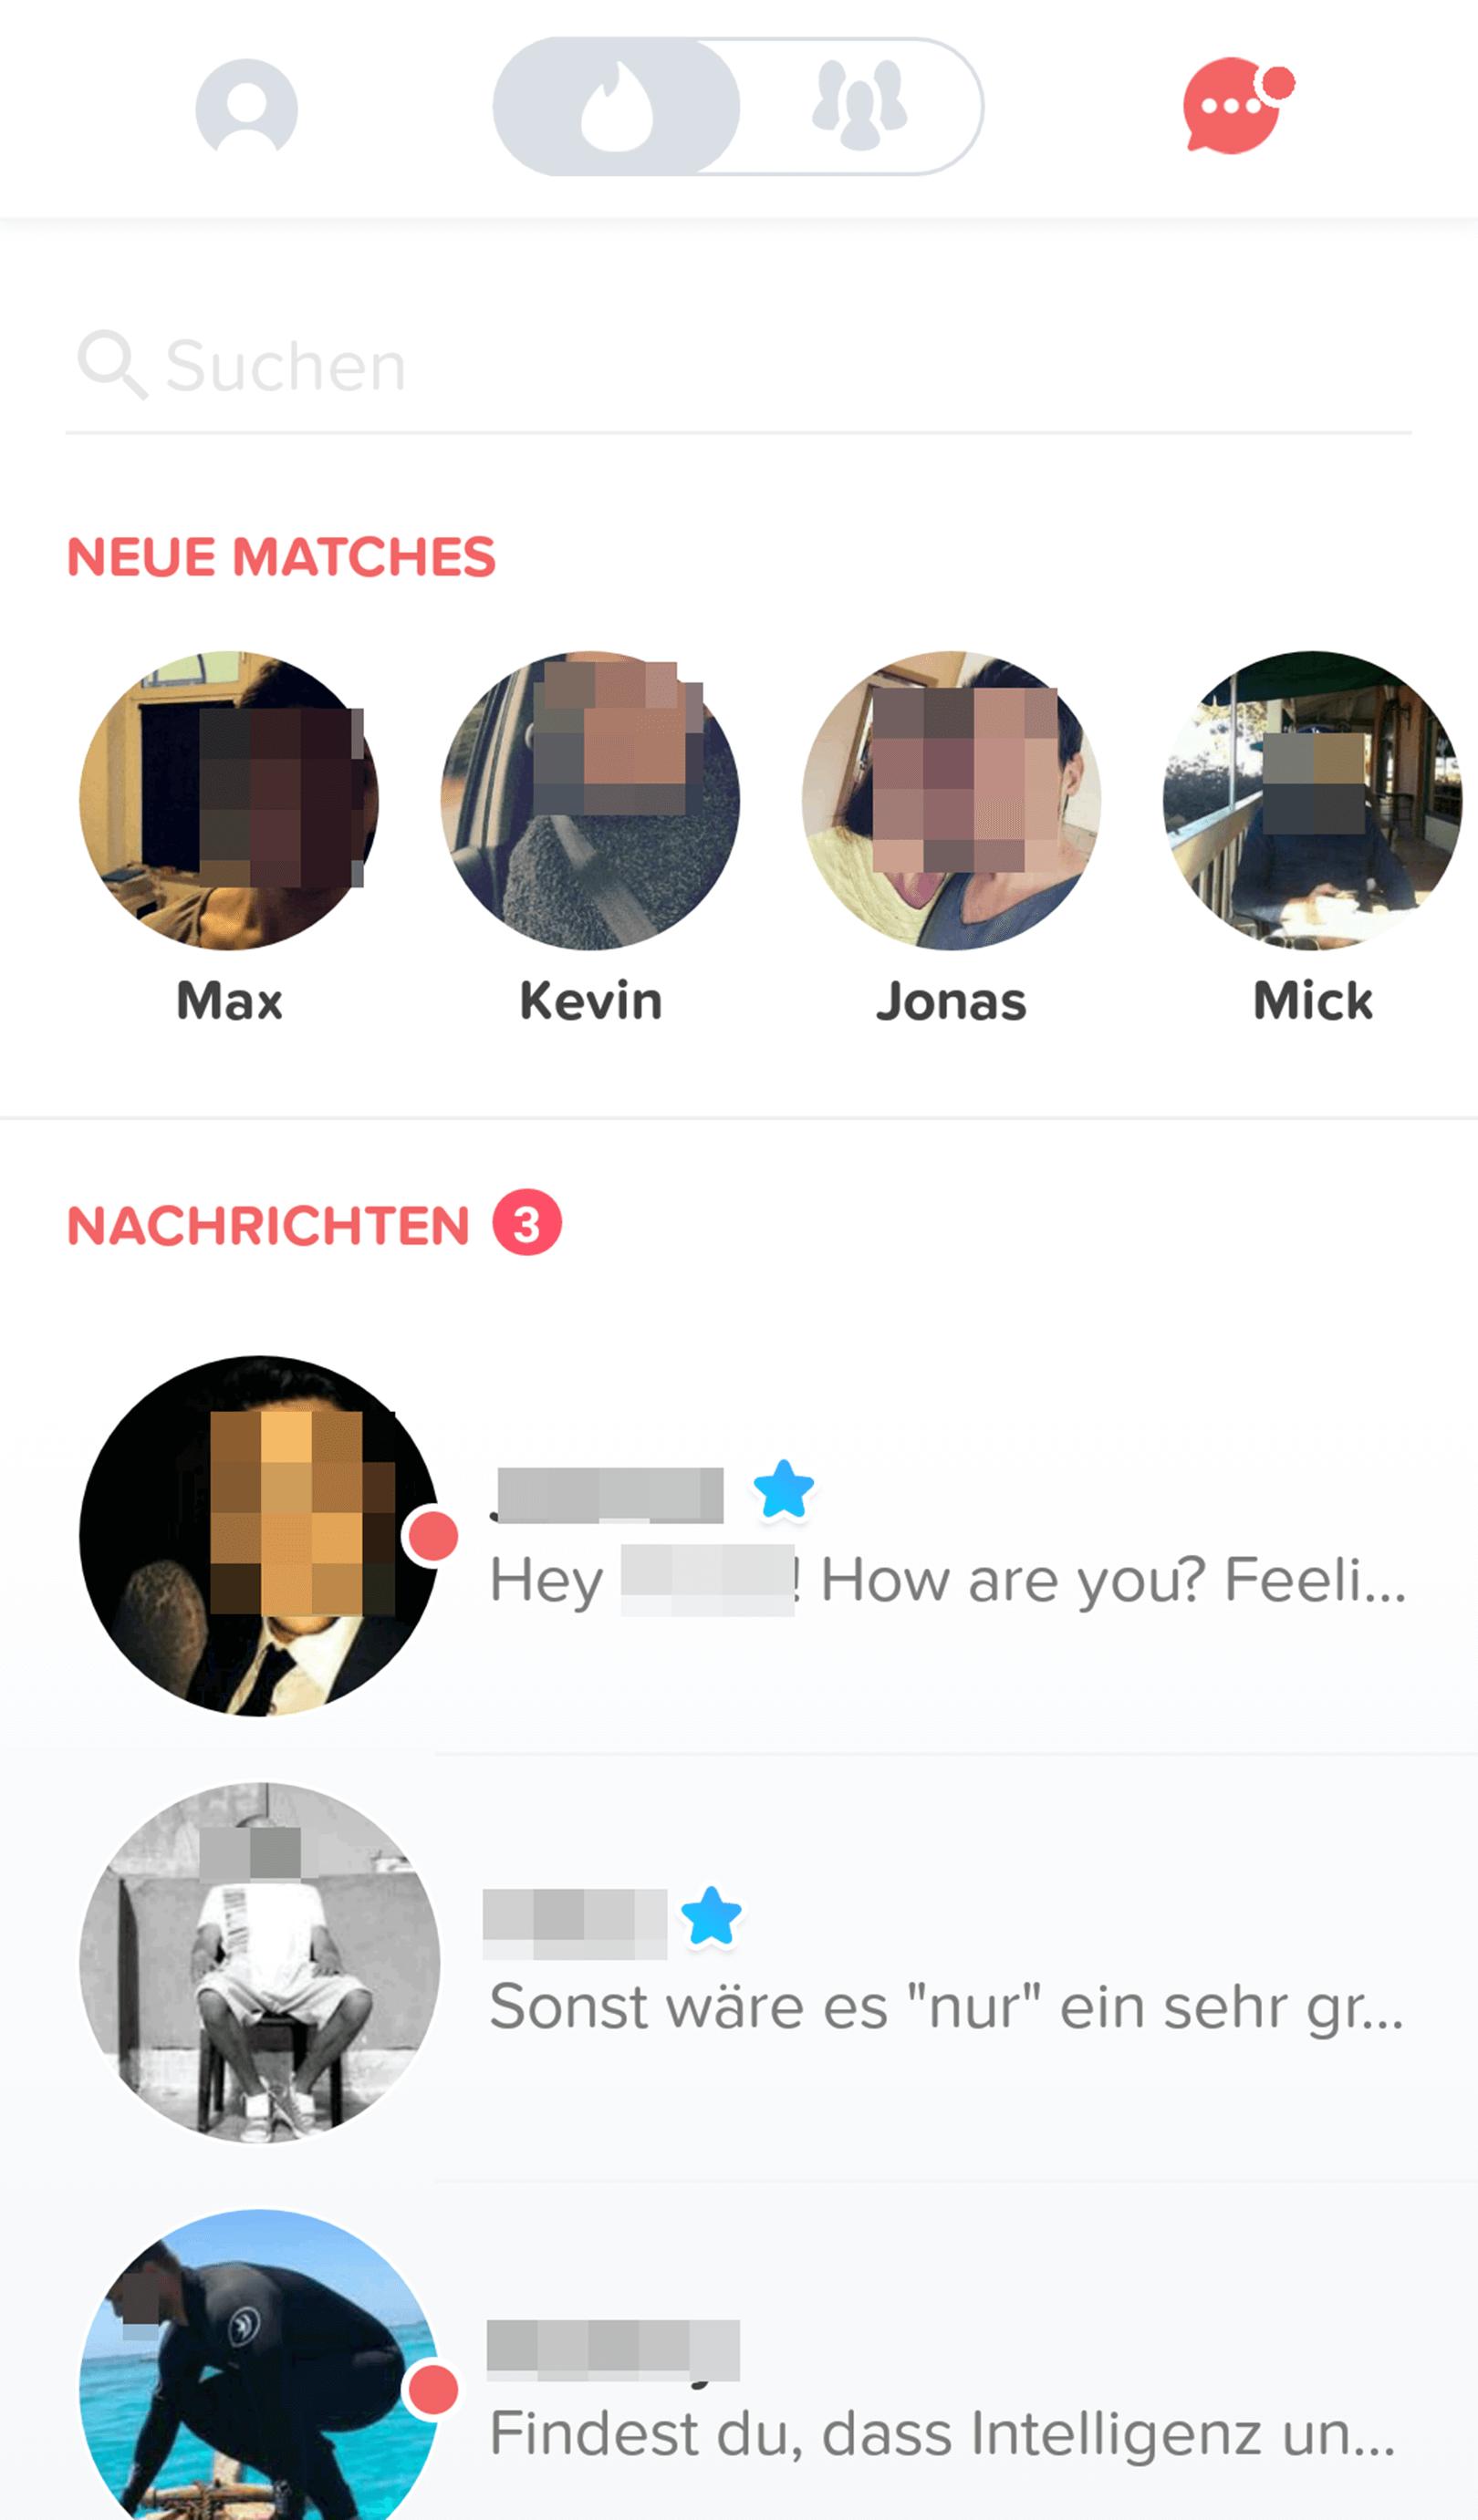 Tinder Matches und Nachrichten